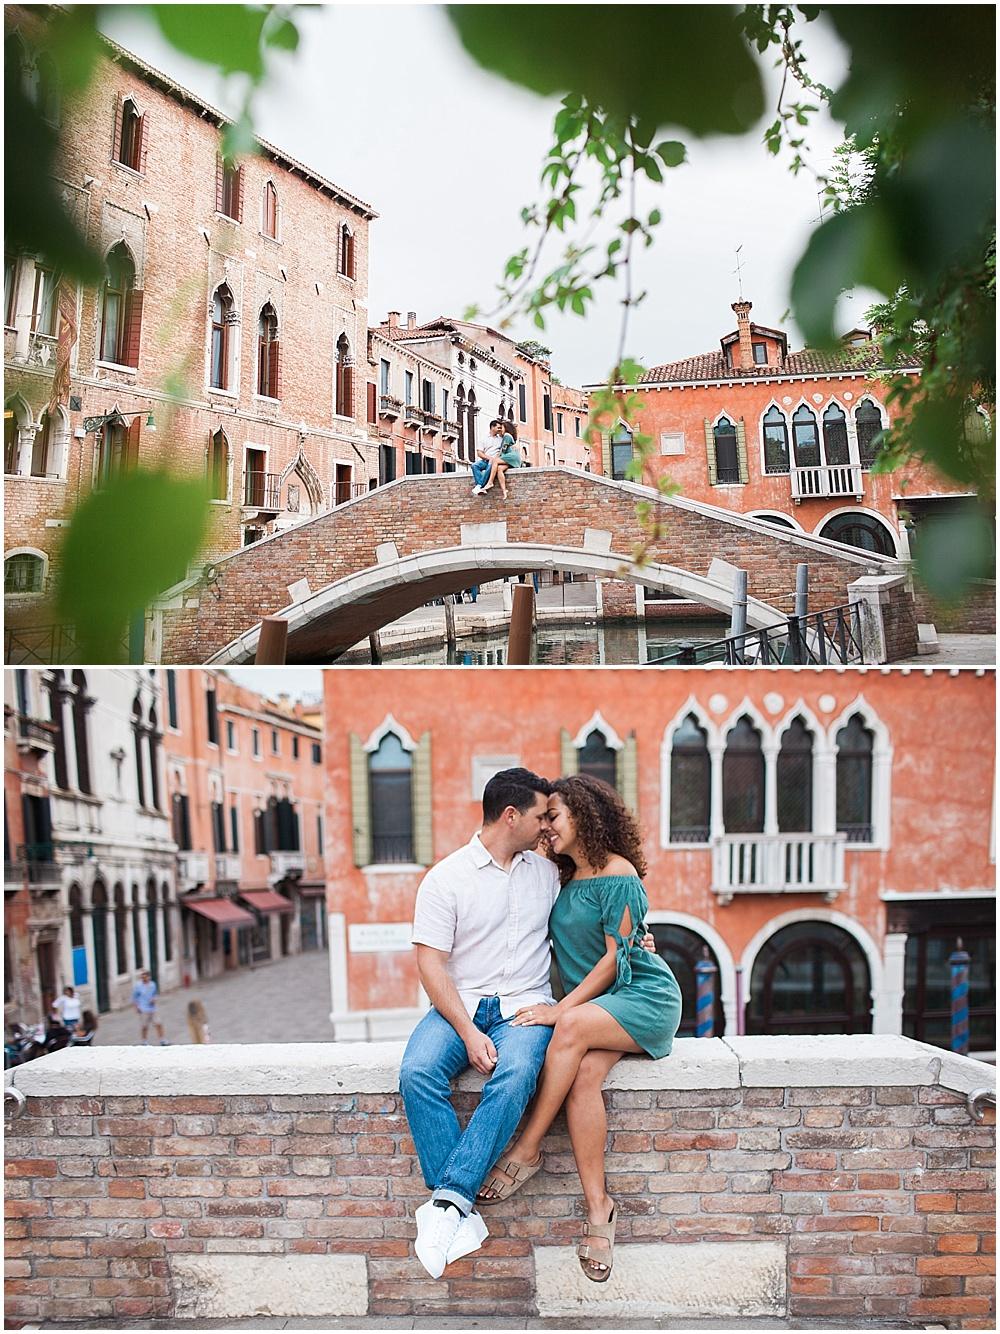 venice-italy-wedding-photograher-stefano-degirmenci_0480.jpg